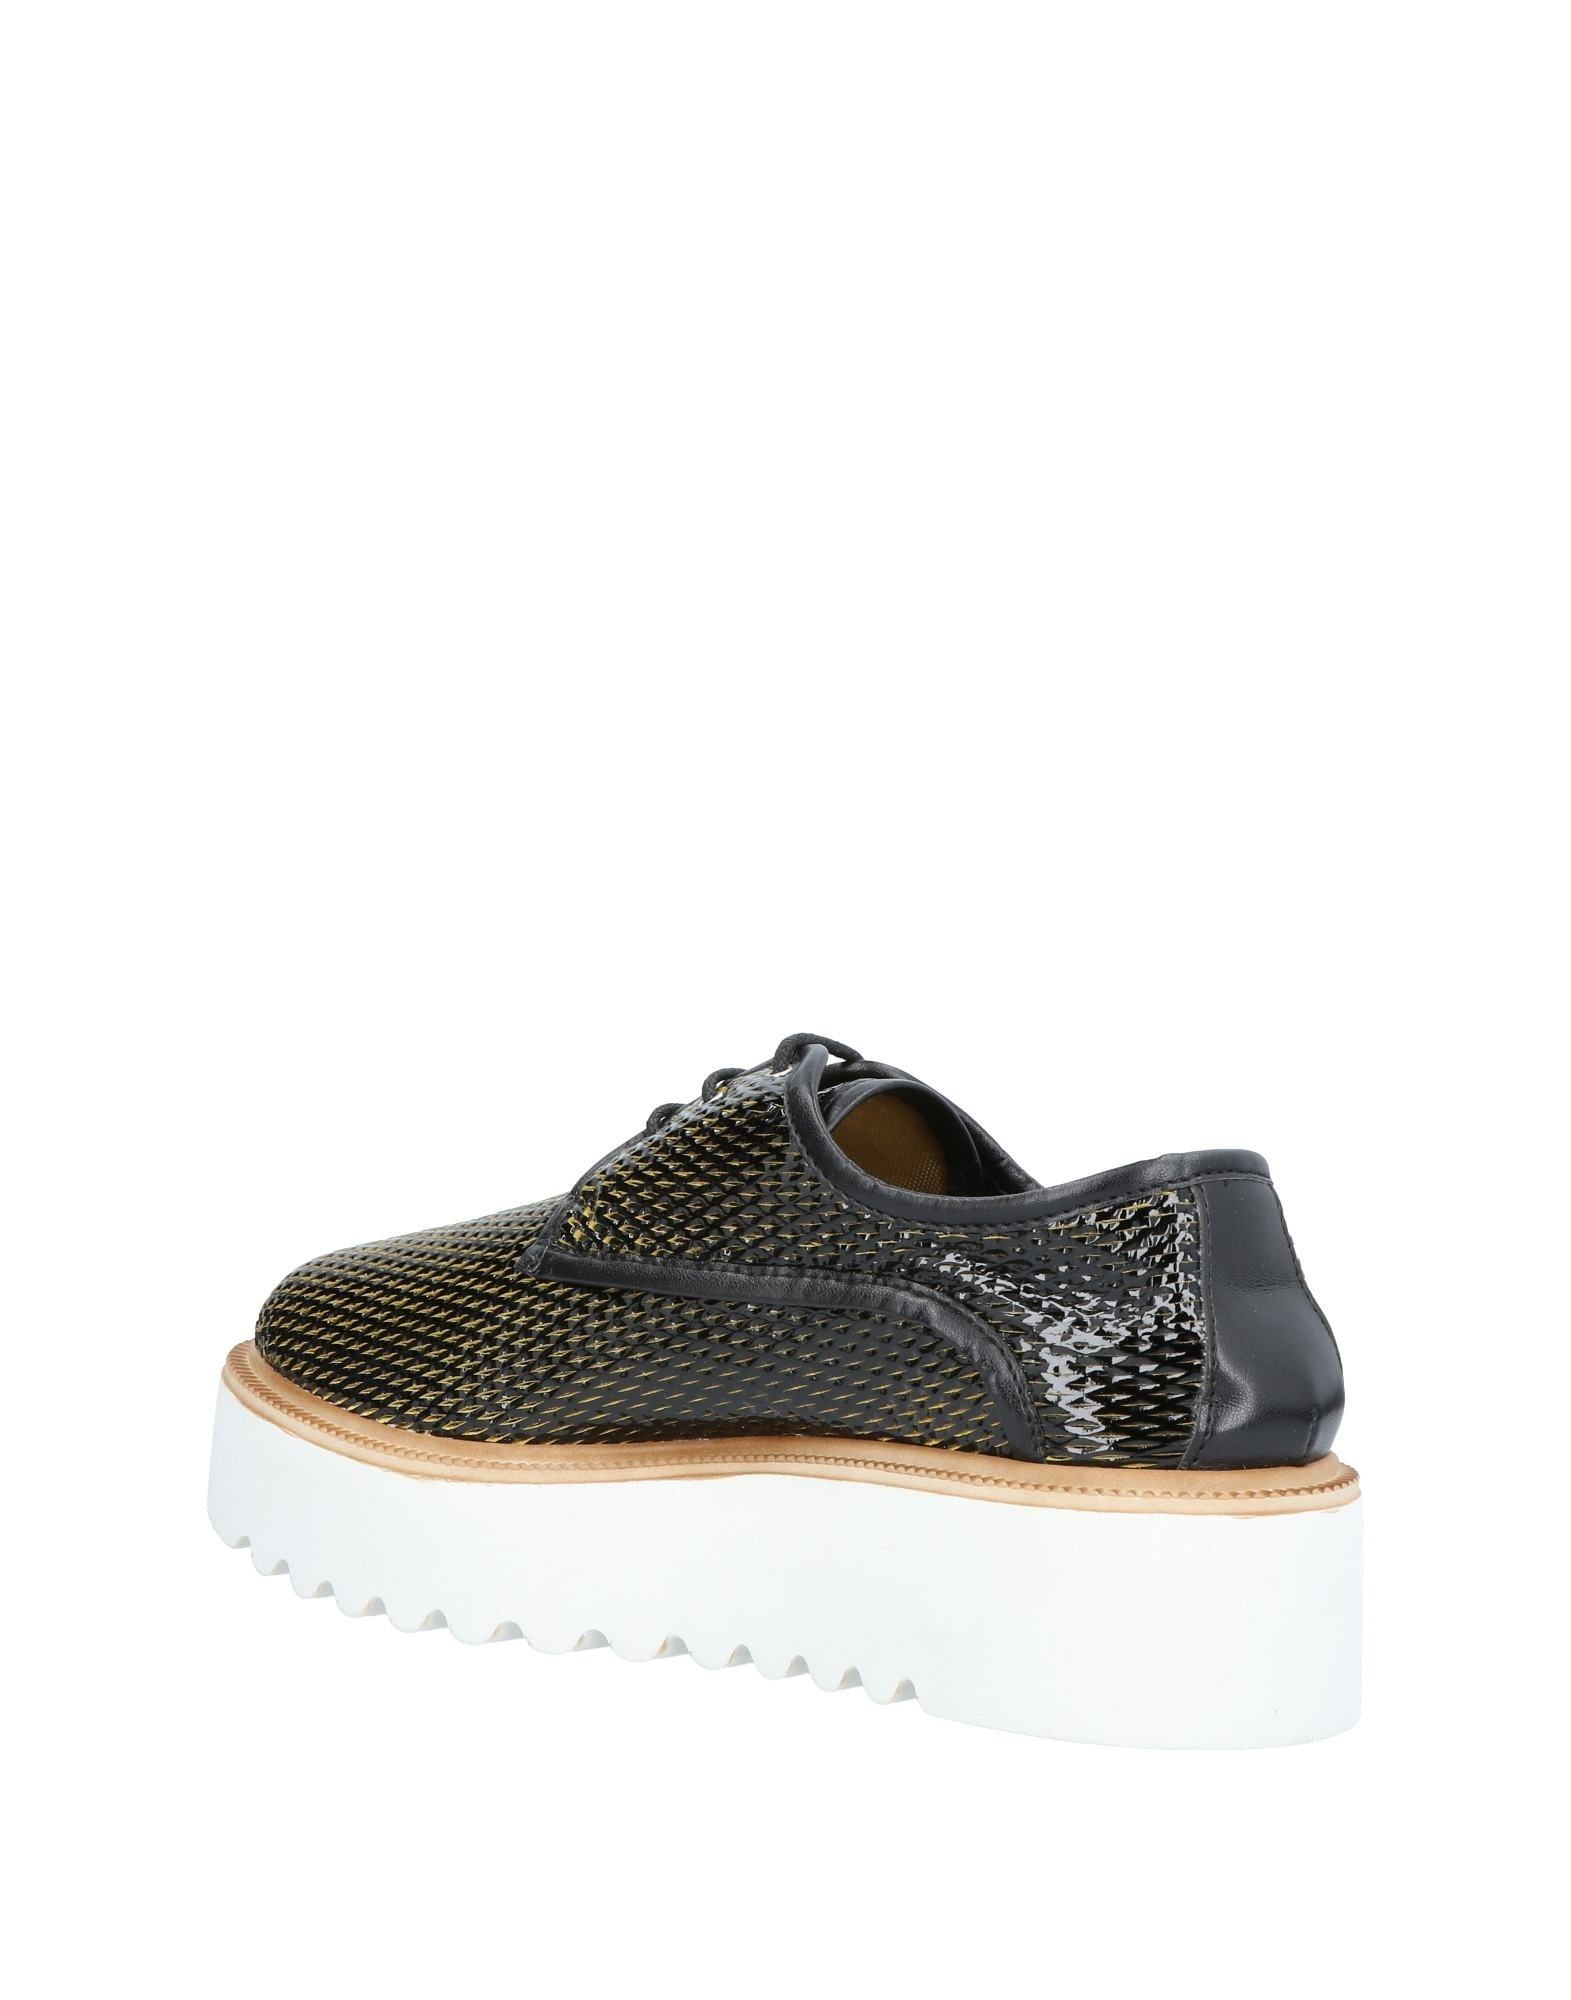 Pinko Schnürschuhe Damen beliebte  11418624RB Gute Qualität beliebte Damen Schuhe e9d92c